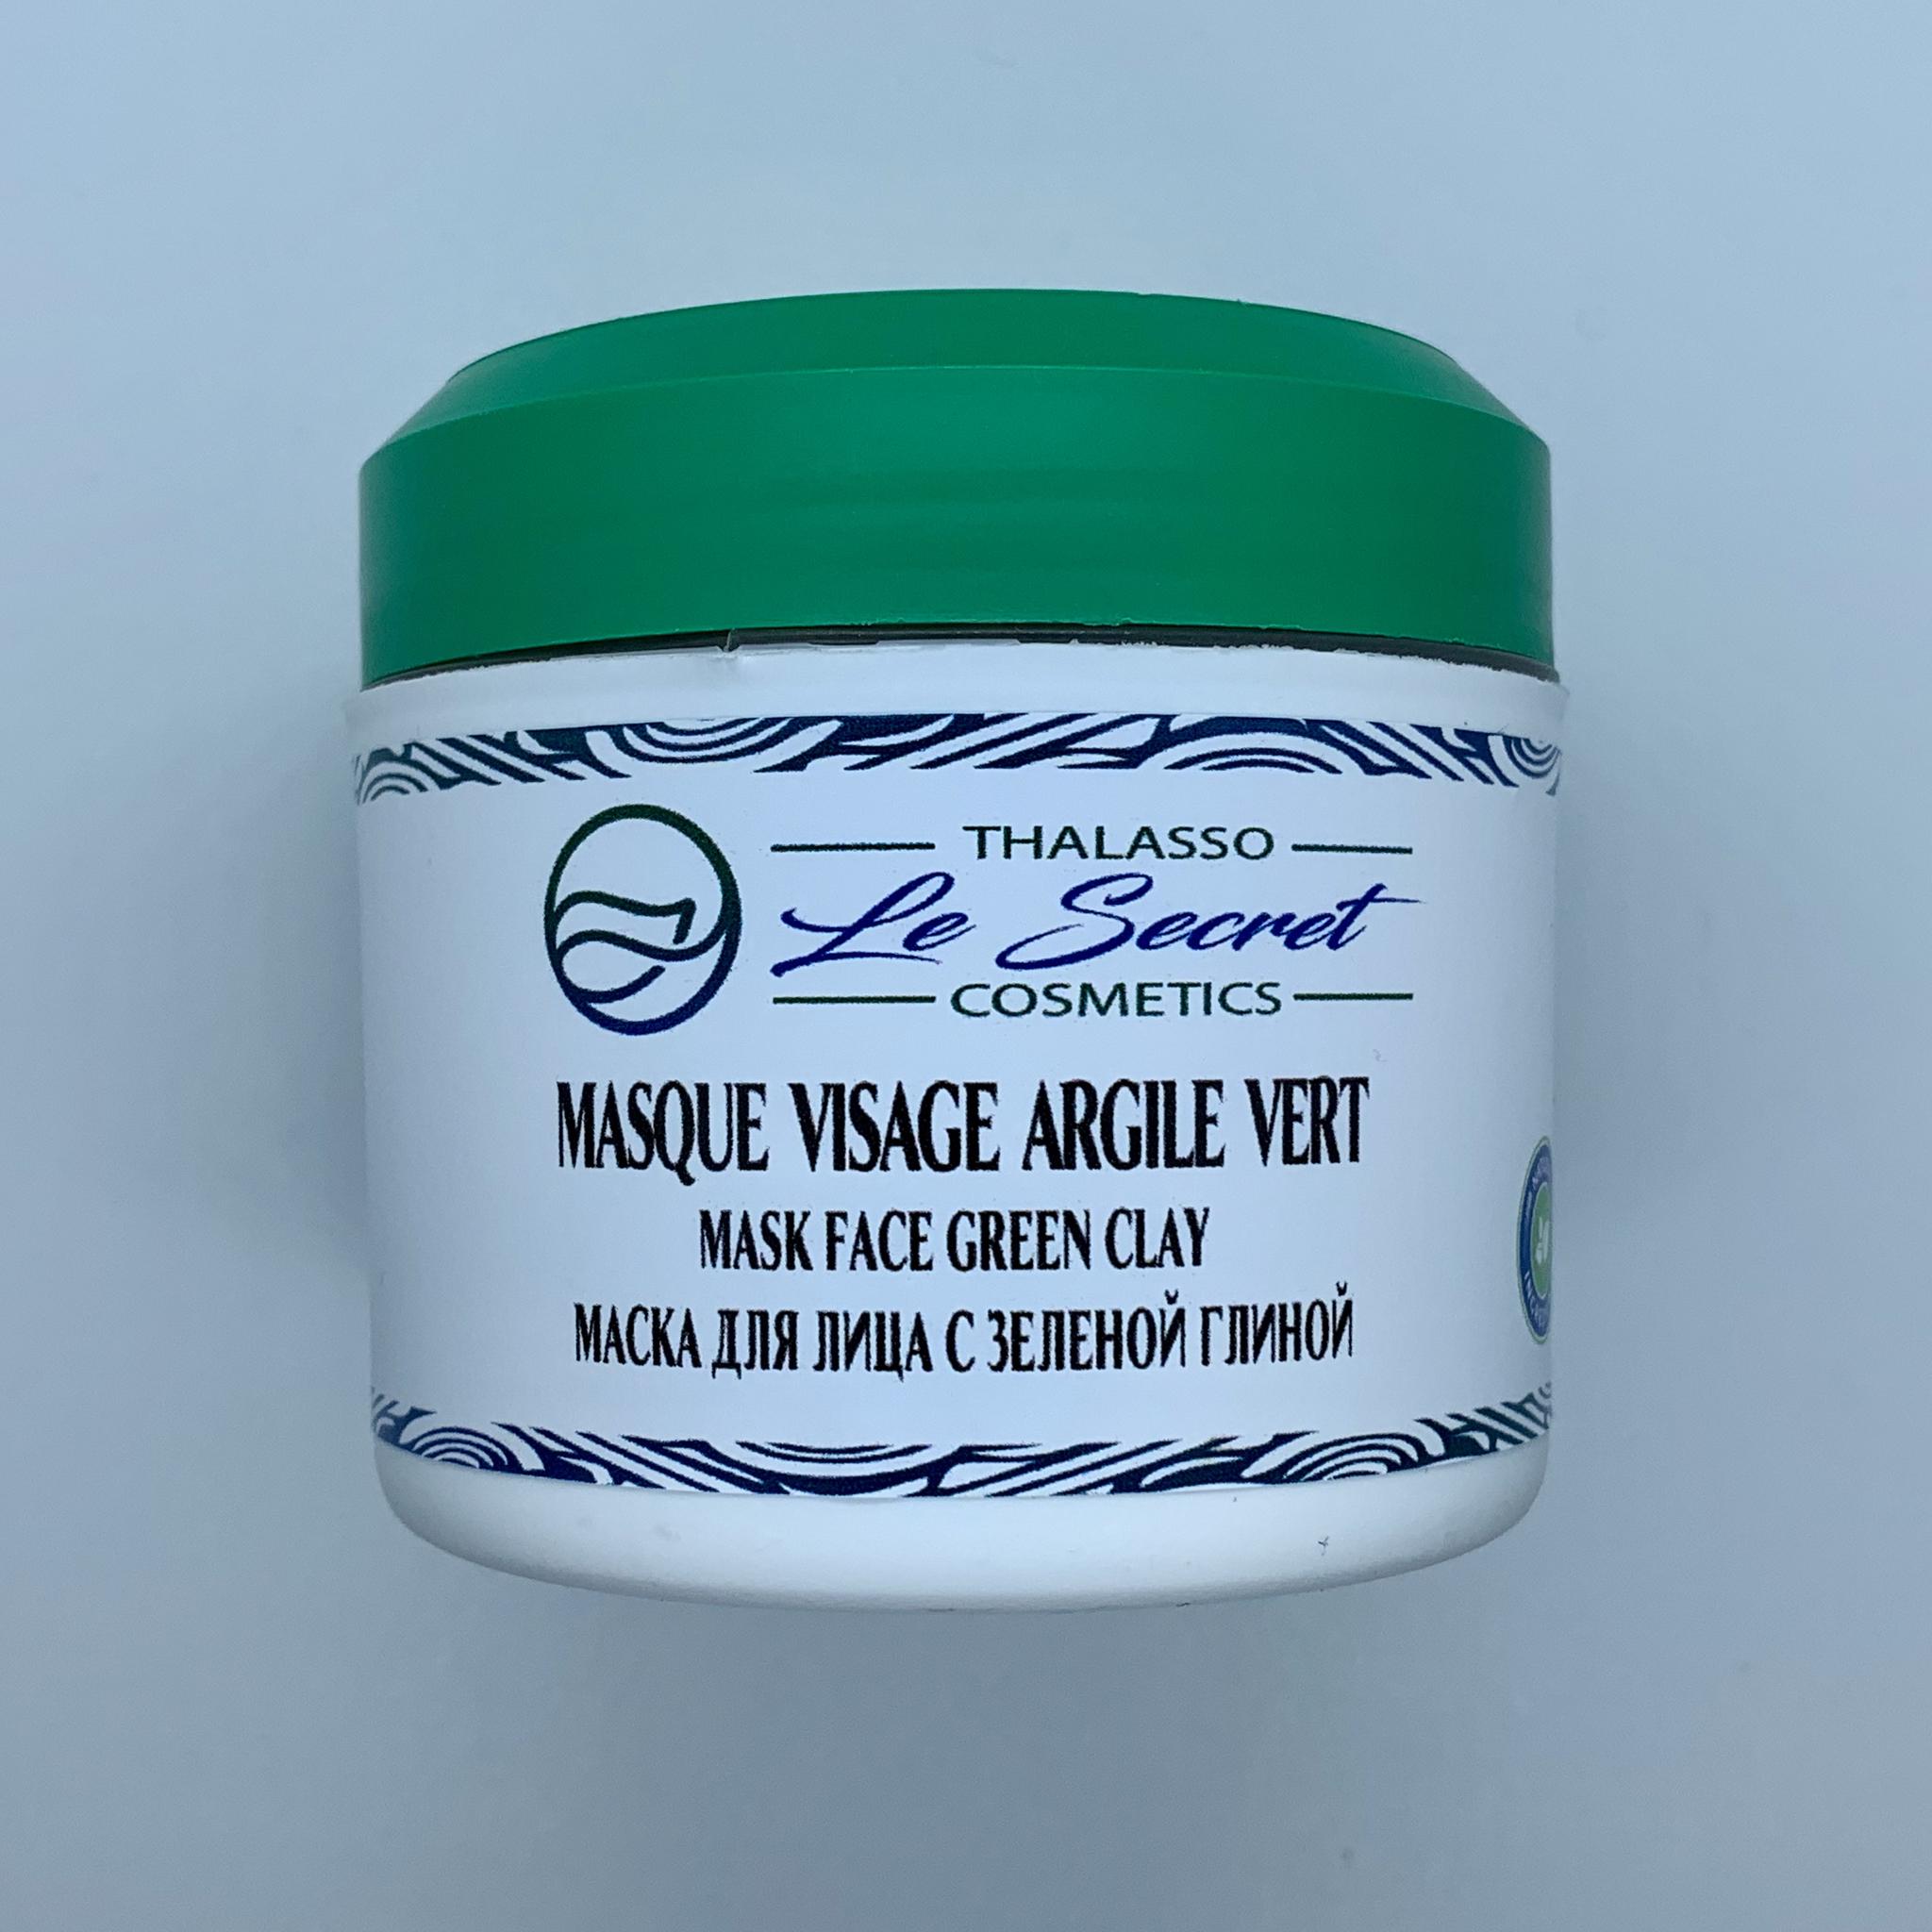 Le Secret Thalasso Маска для лица с зеленой глиной